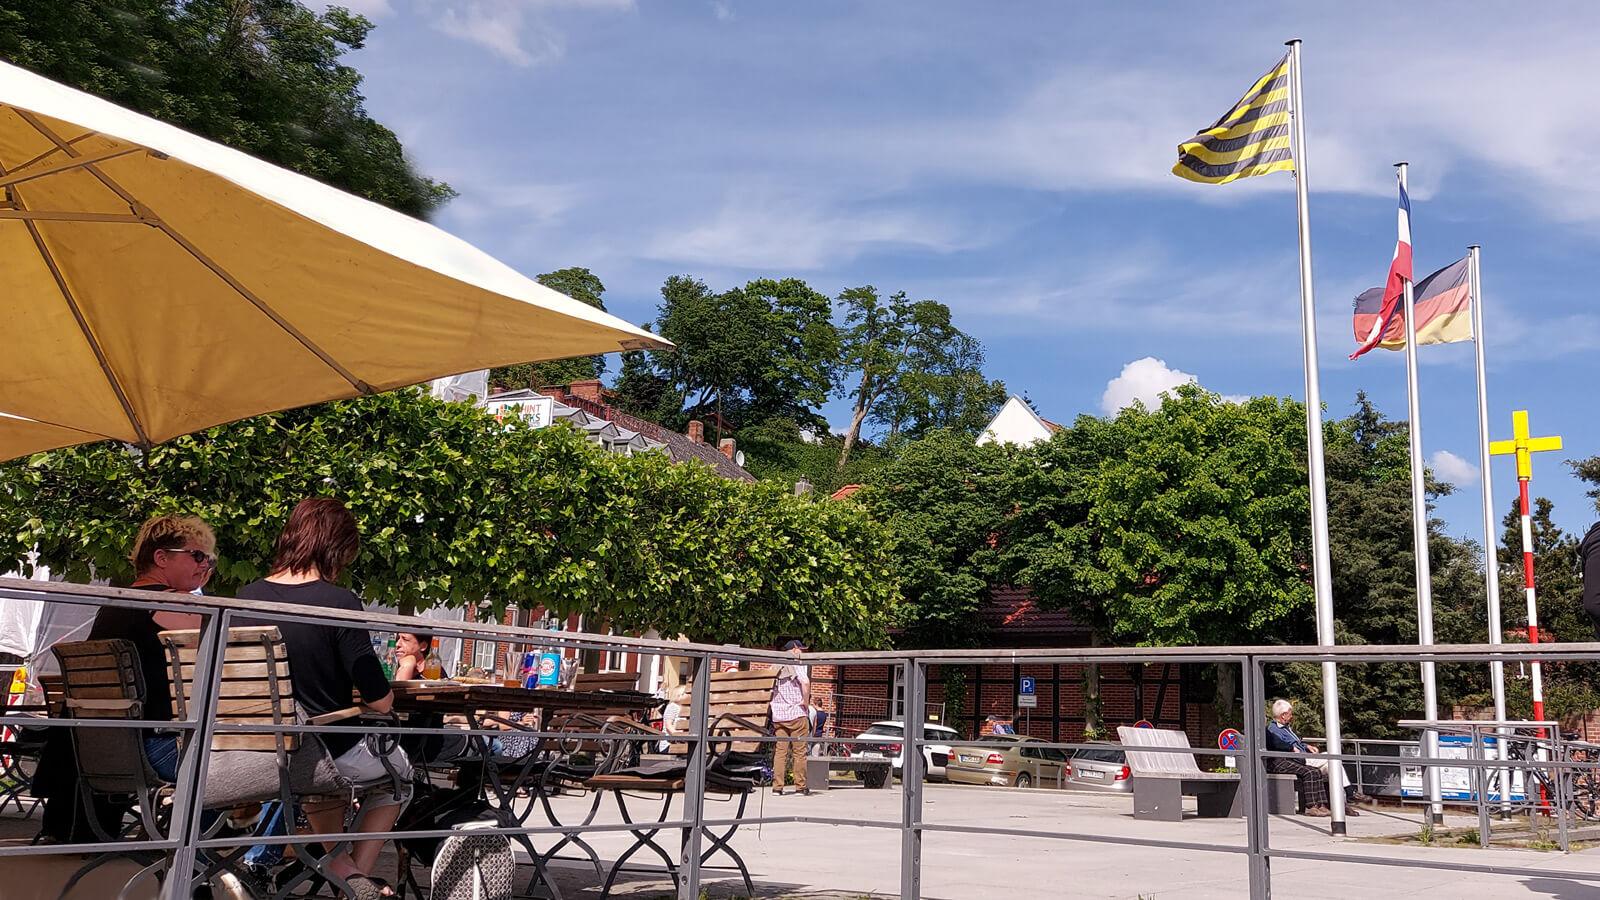 Ruferplatz Lauenburg